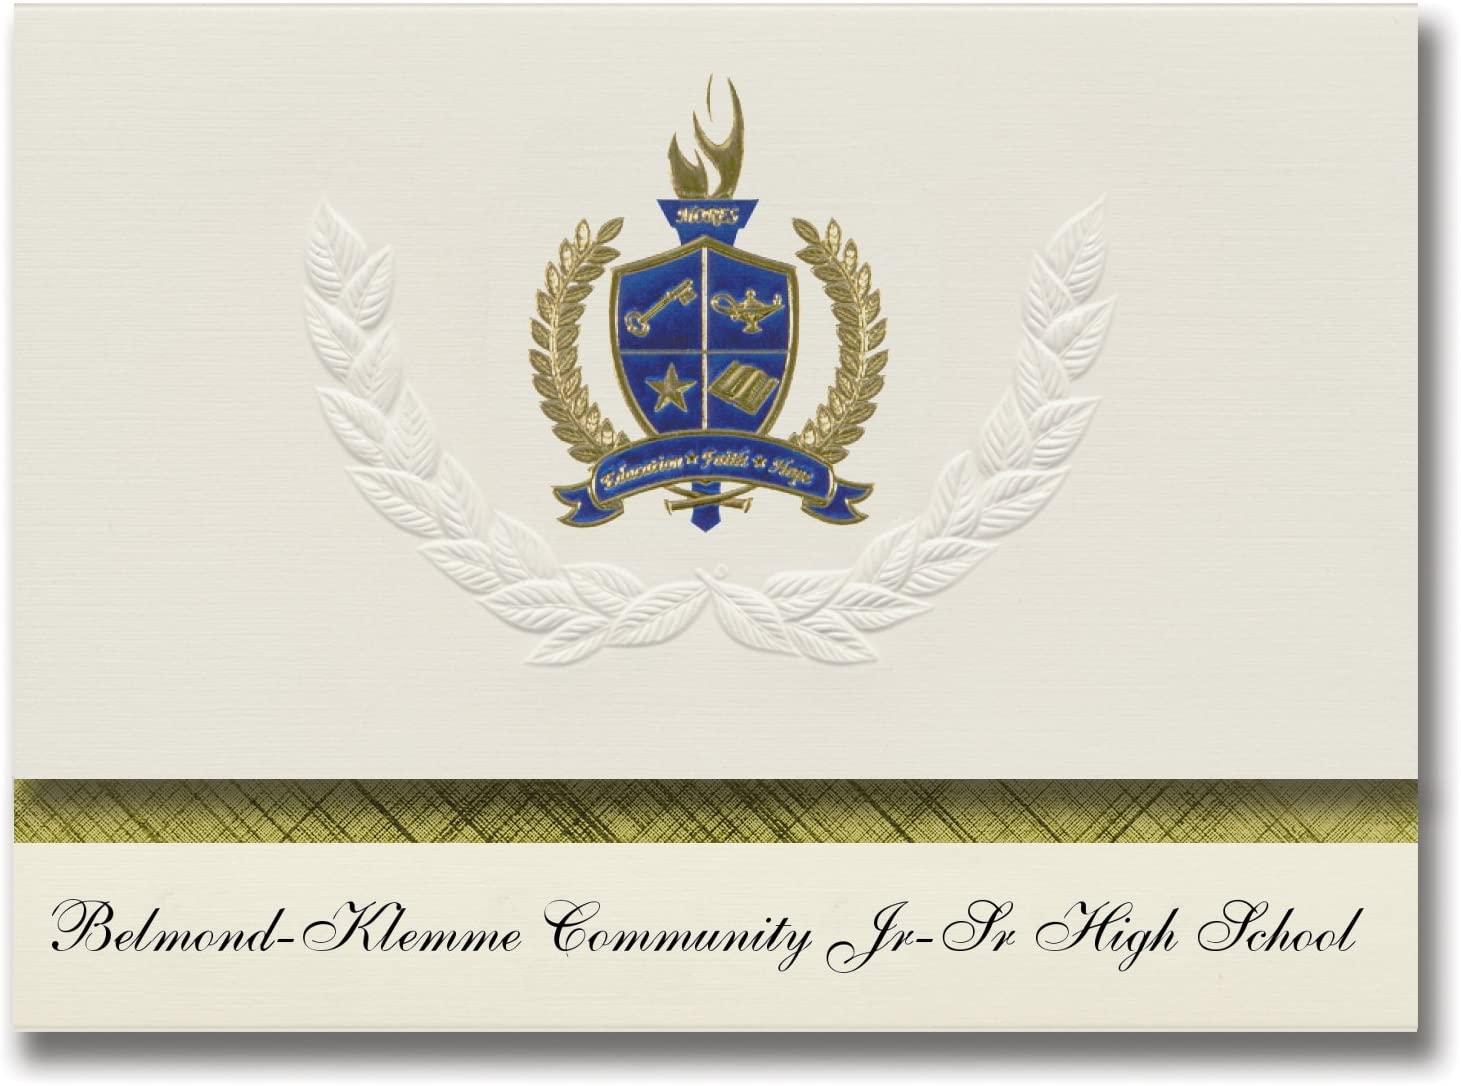 Signature Announcements Belmond-Klemme Community Jr-Sr High School (Belmond, IA) Graduation Announcements, Presidential Basic Pack 25 with Gold & Blue Metallic Foil seal